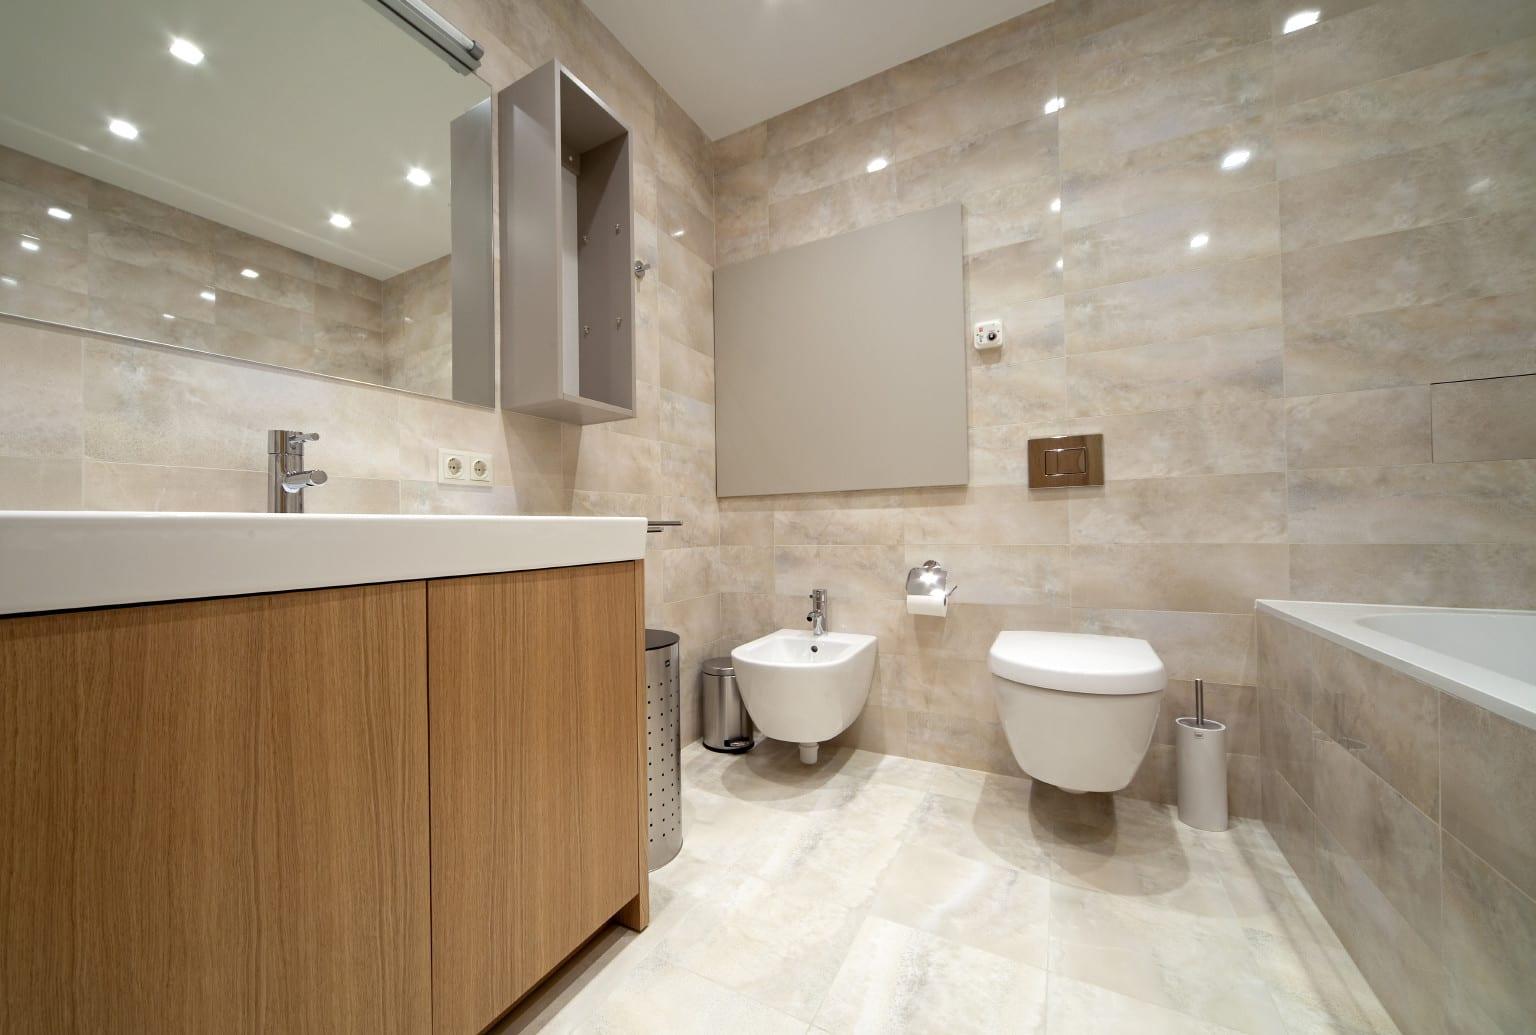 badezimmer ideen mit waschtischschrank holz unter wandspiegel mit beleuchtung und badezimmerfliesen beige